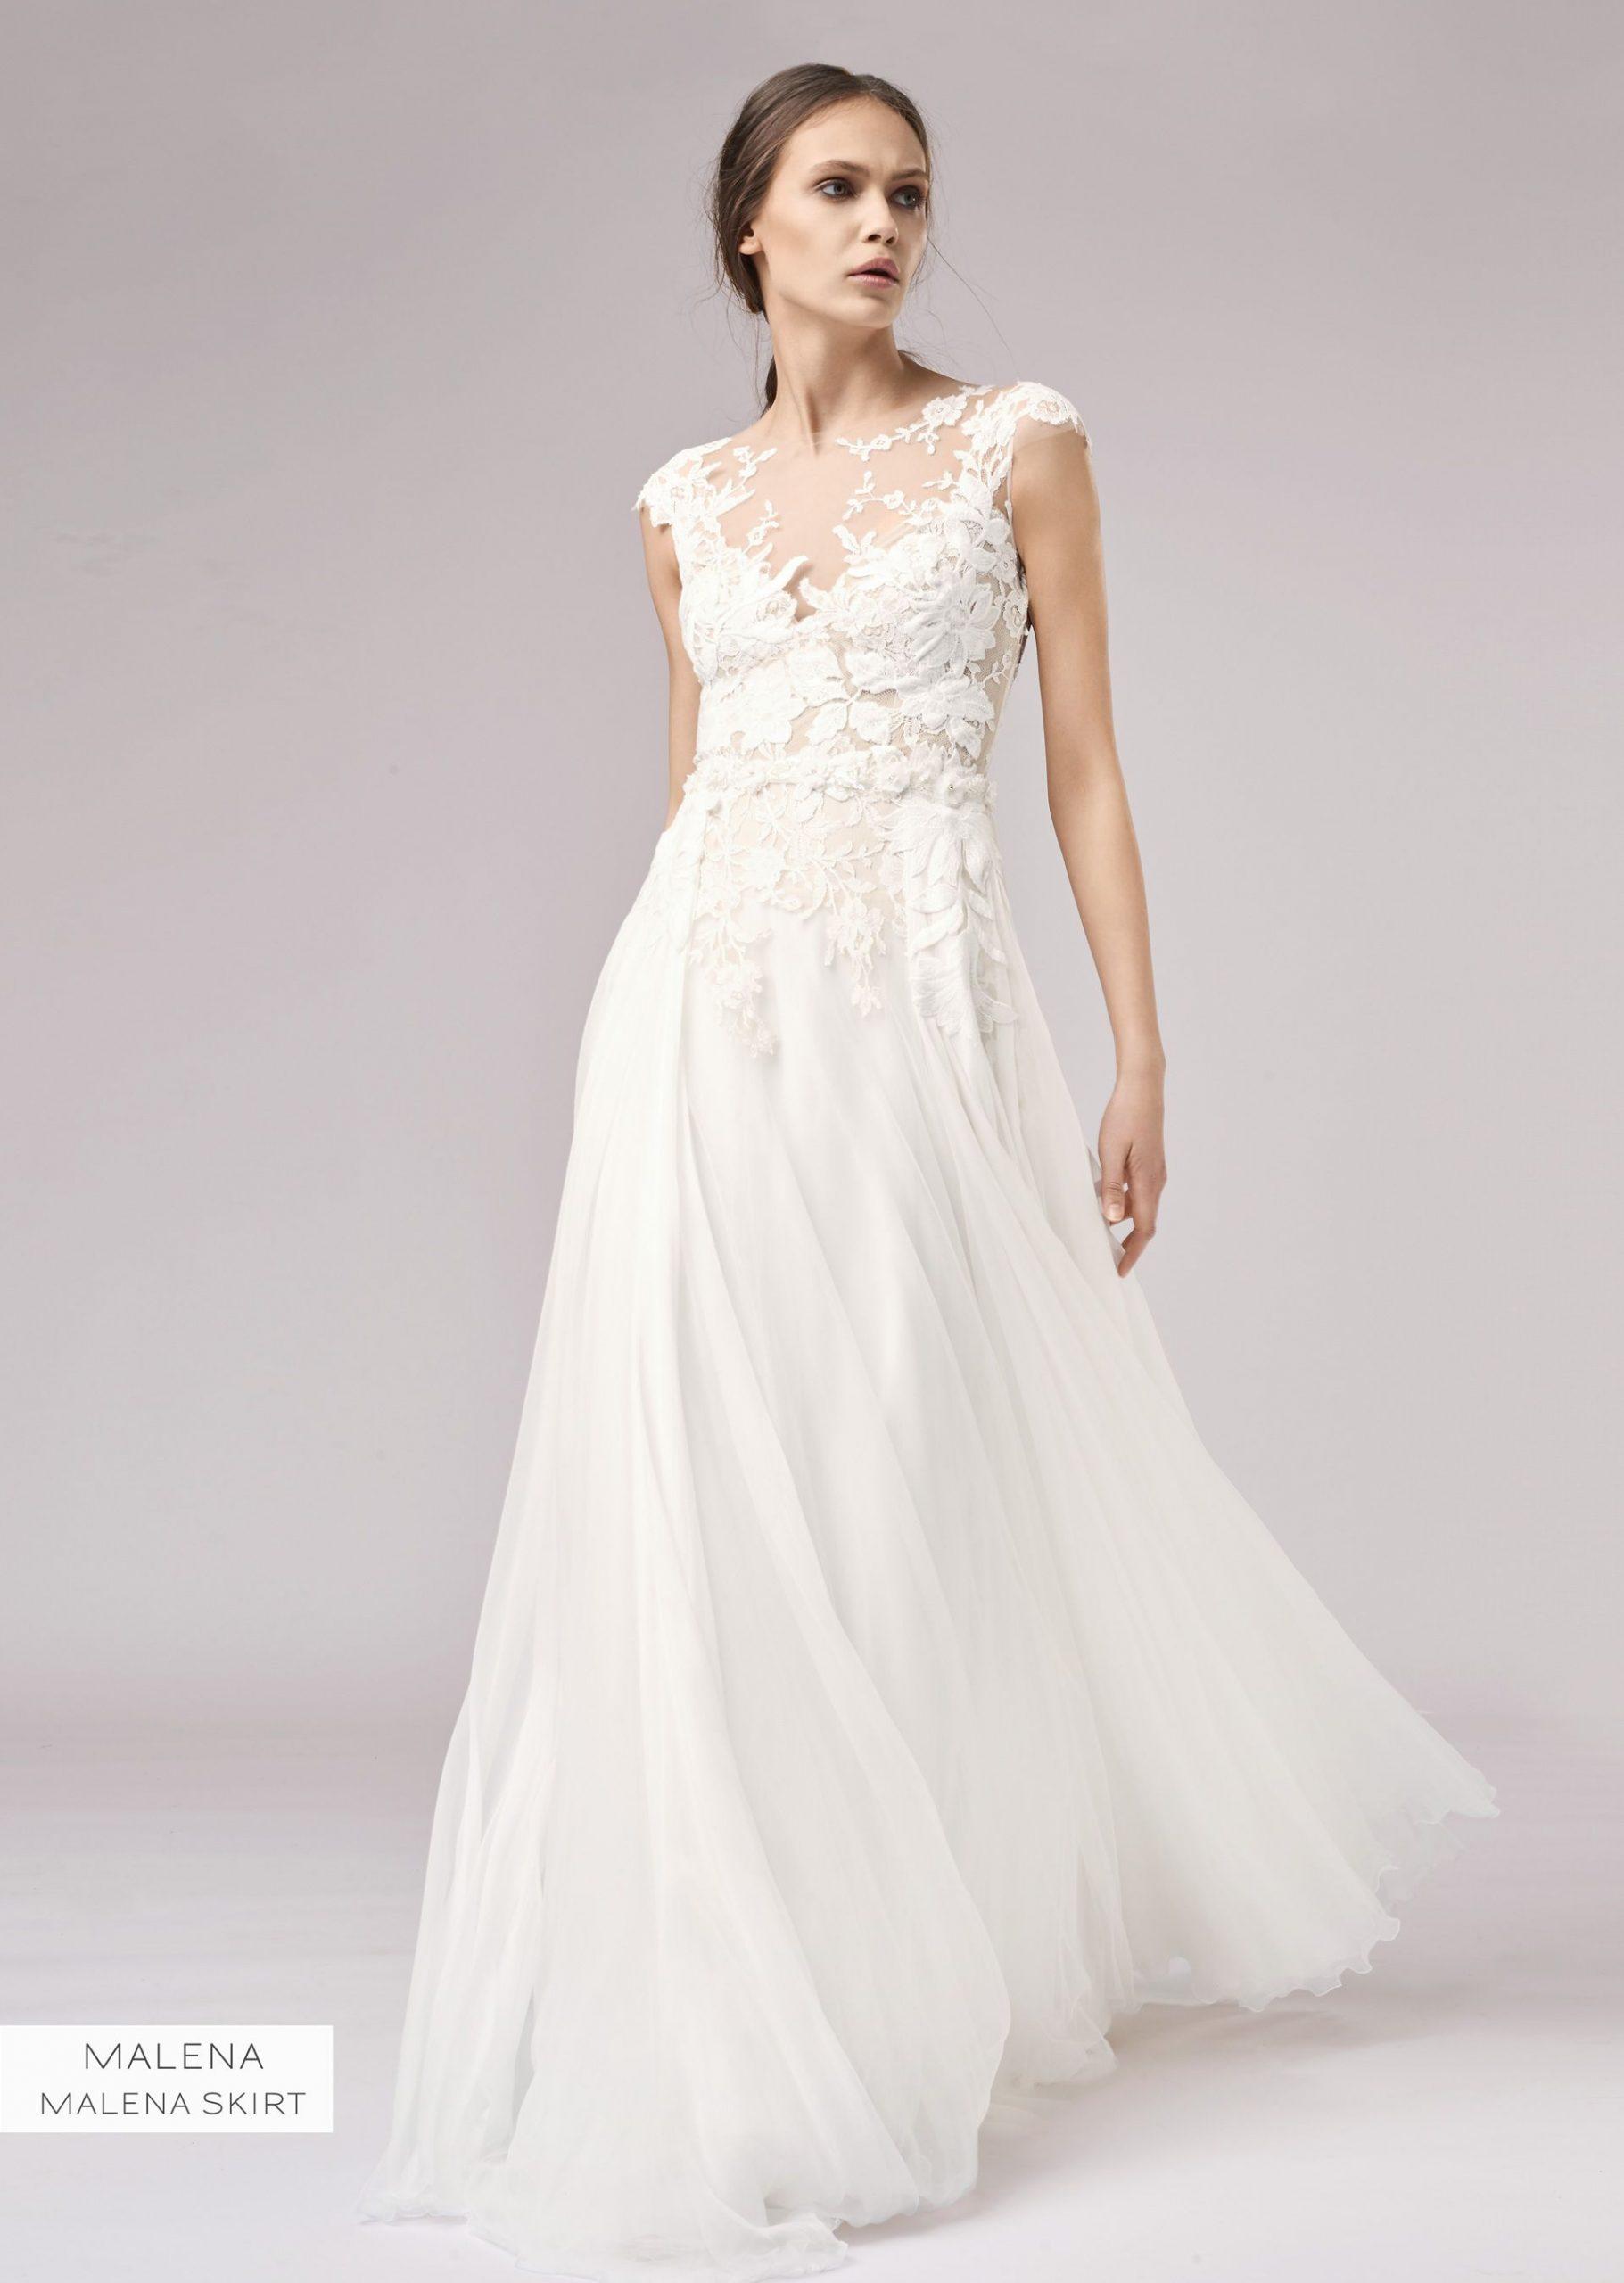 Malen Weddingdress | Kleid Hochzeit, Einzigartiger